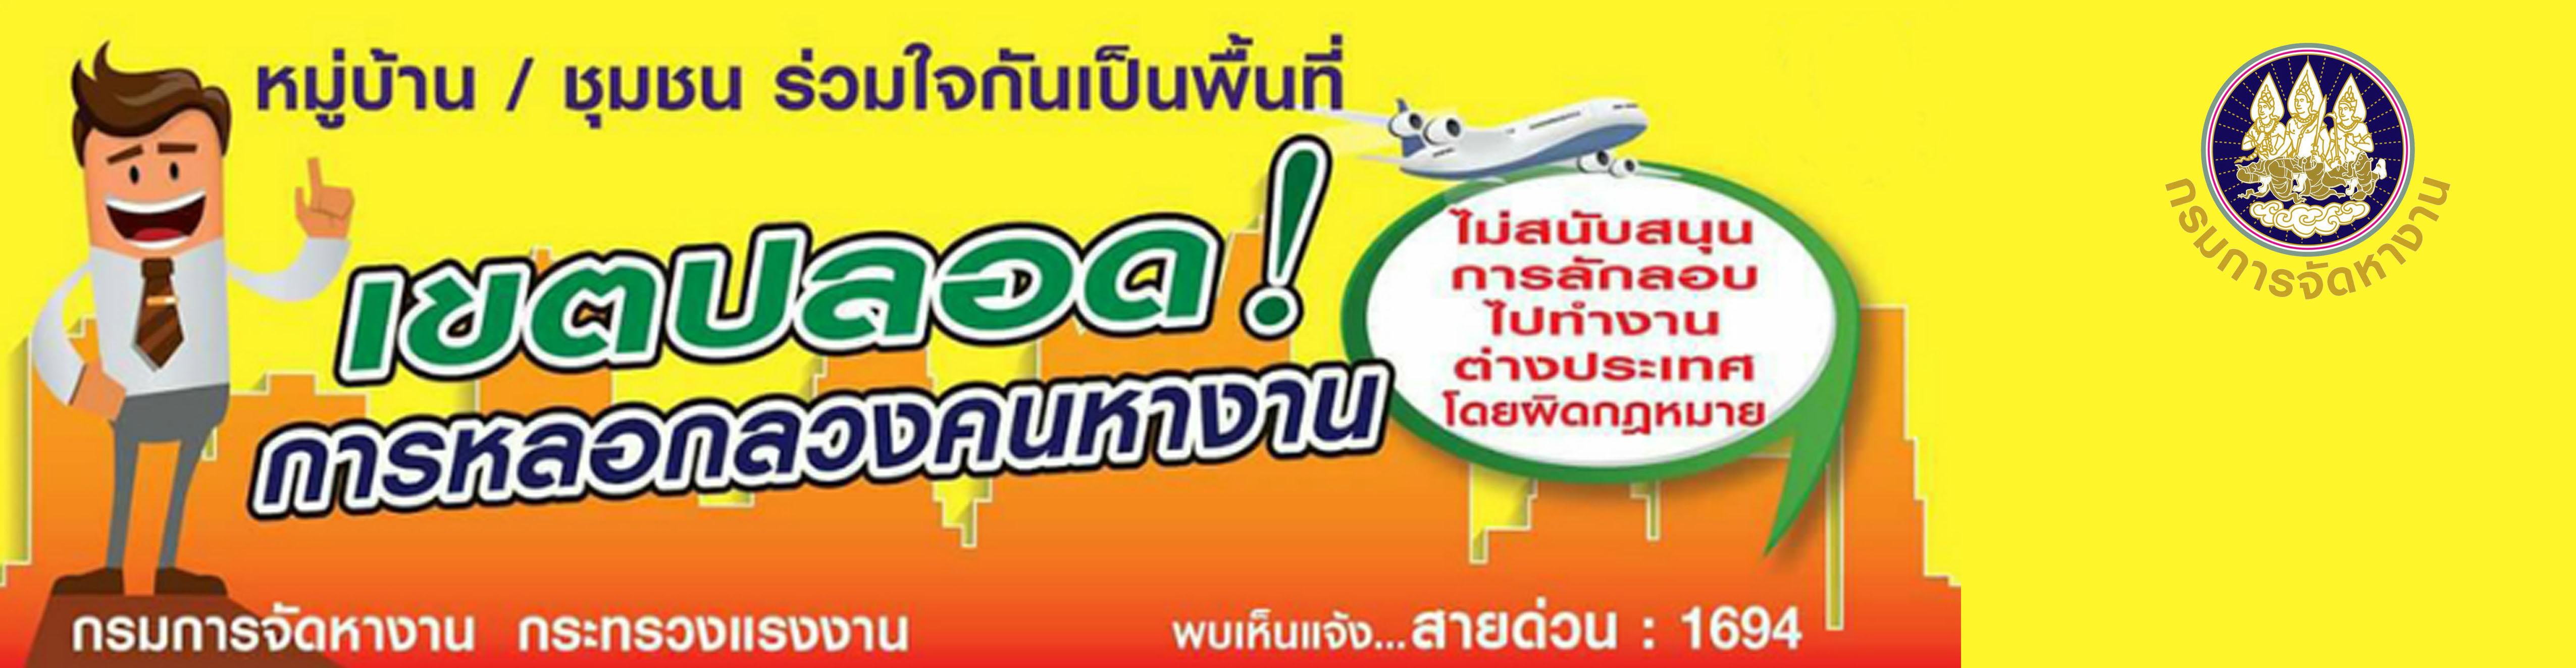 สำนักงานบริหารแรงงานไทยไปต่างประเทศ